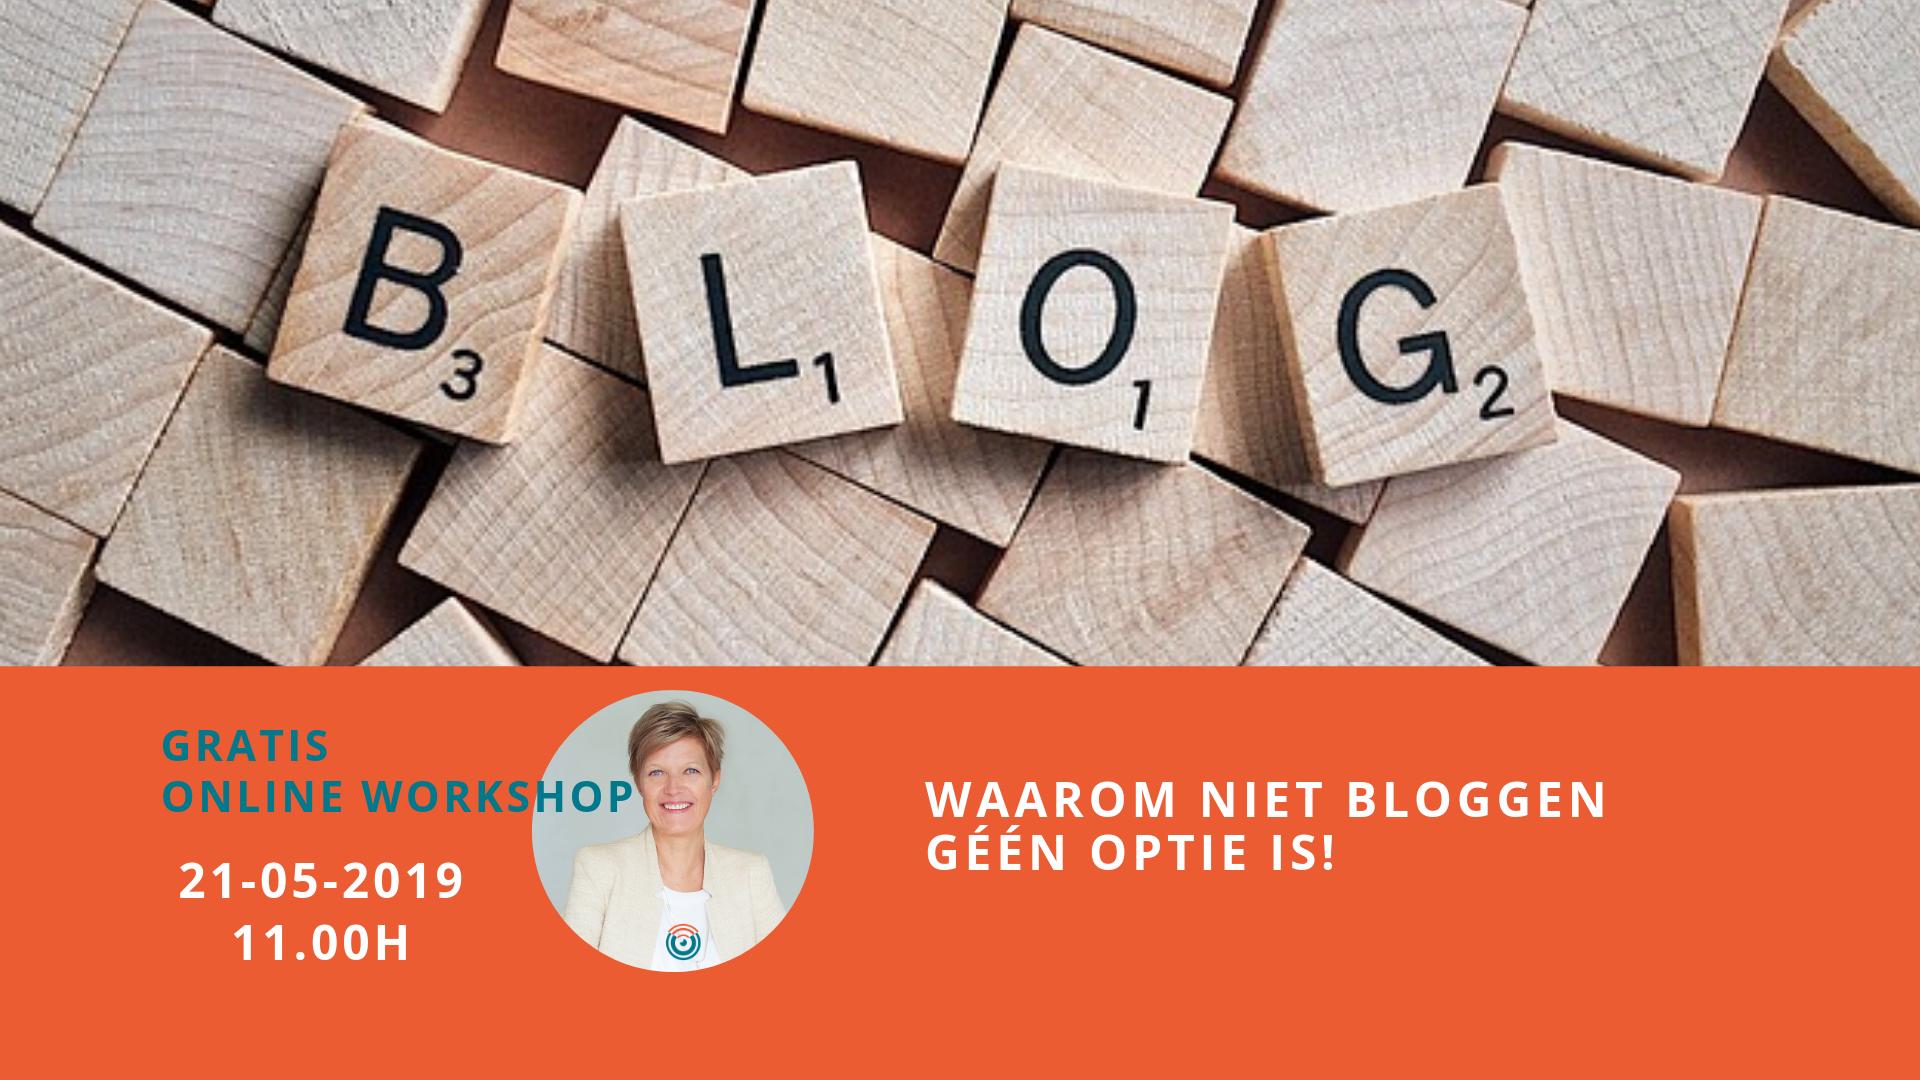 Webinar Bloggen 21 mei 2019 Optimazing